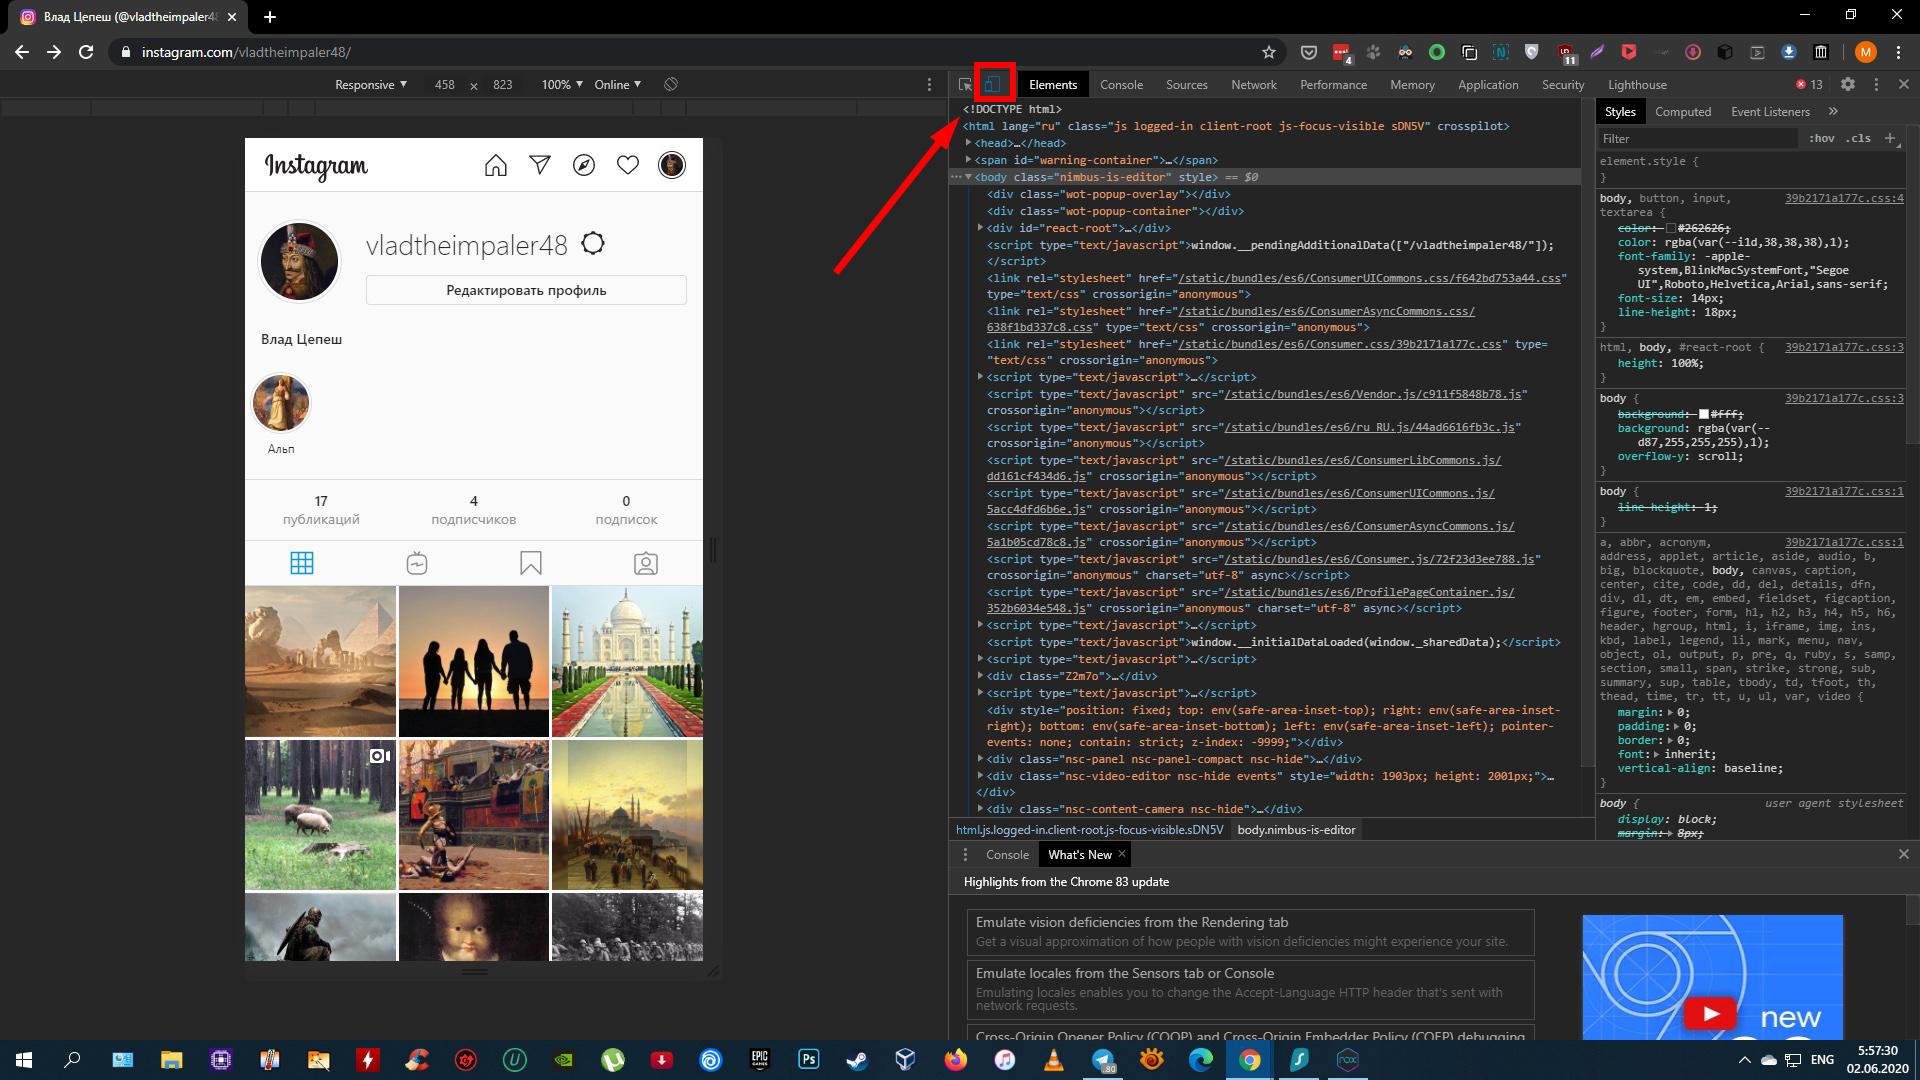 """Come aggiungere una foto in """"Instagram"""" da un computer: Esegui il sito in modalità mobile"""